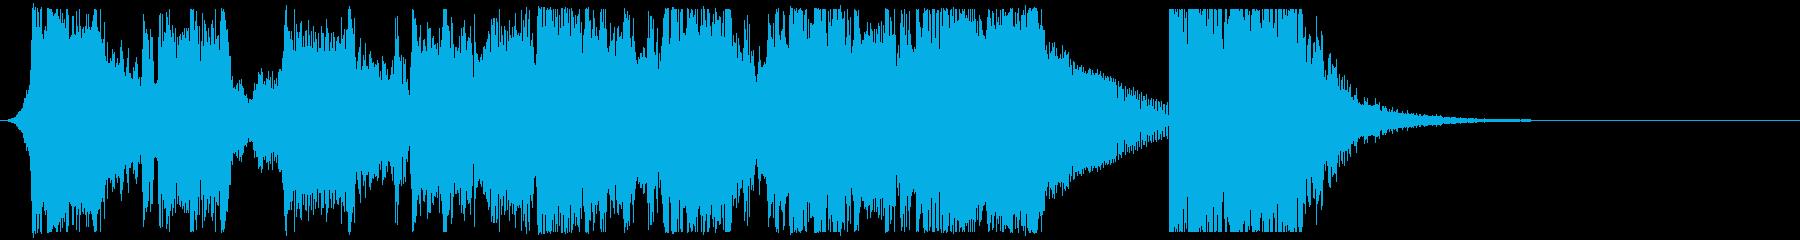 インパクトあるエピックロックサウンドロゴの再生済みの波形